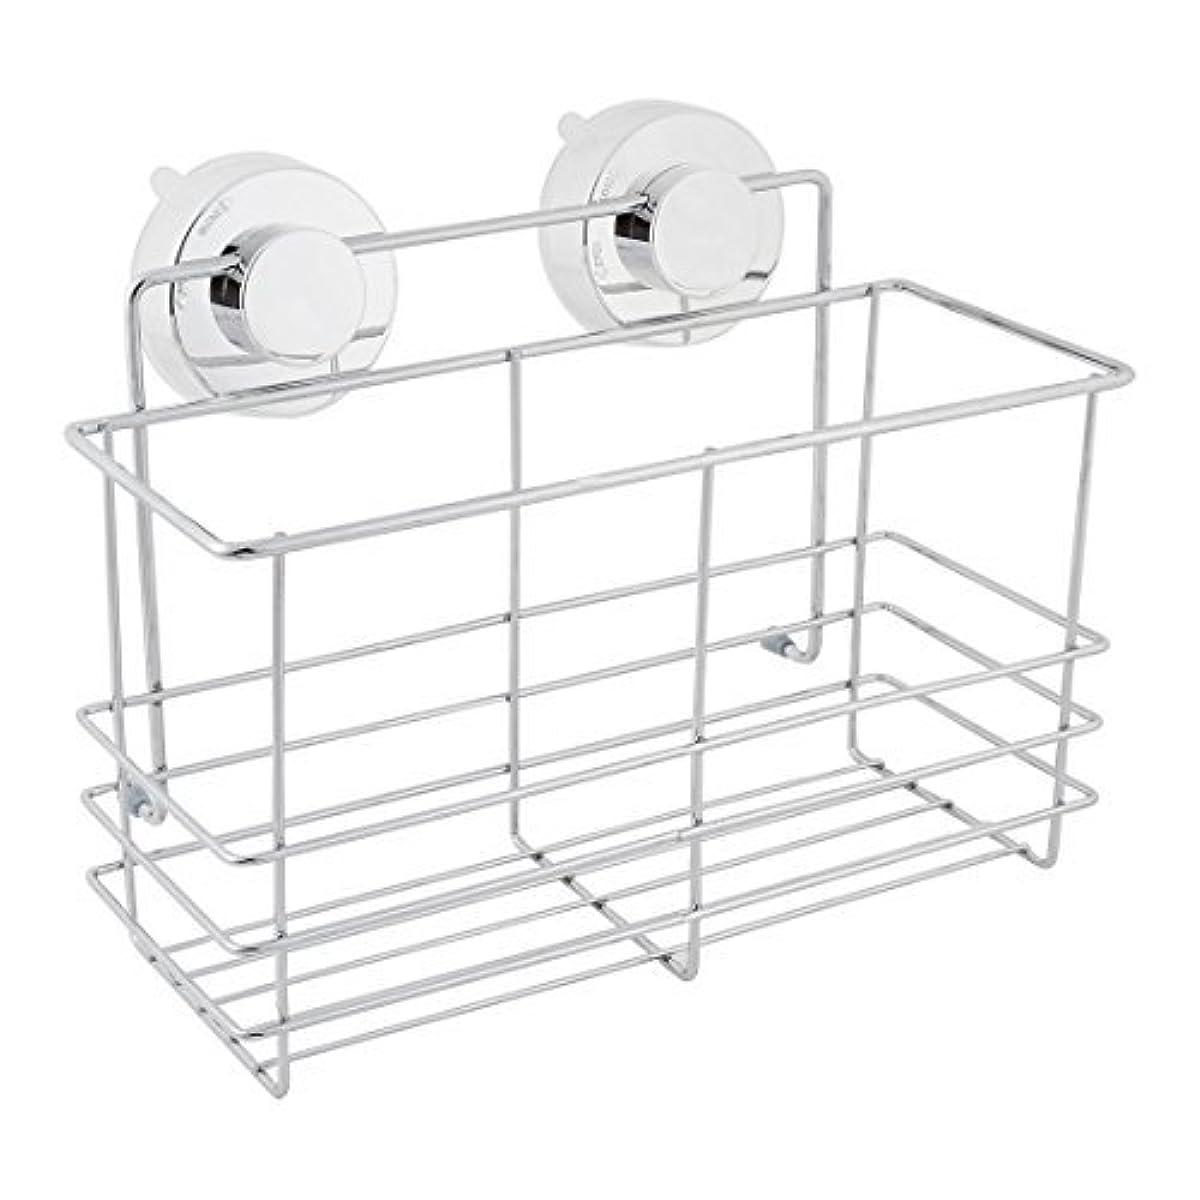 ウッズテザーアカデミーDealMux浴室スペースセーバーサクションカップのストレージシェルフホルダーラックオーガナイザー